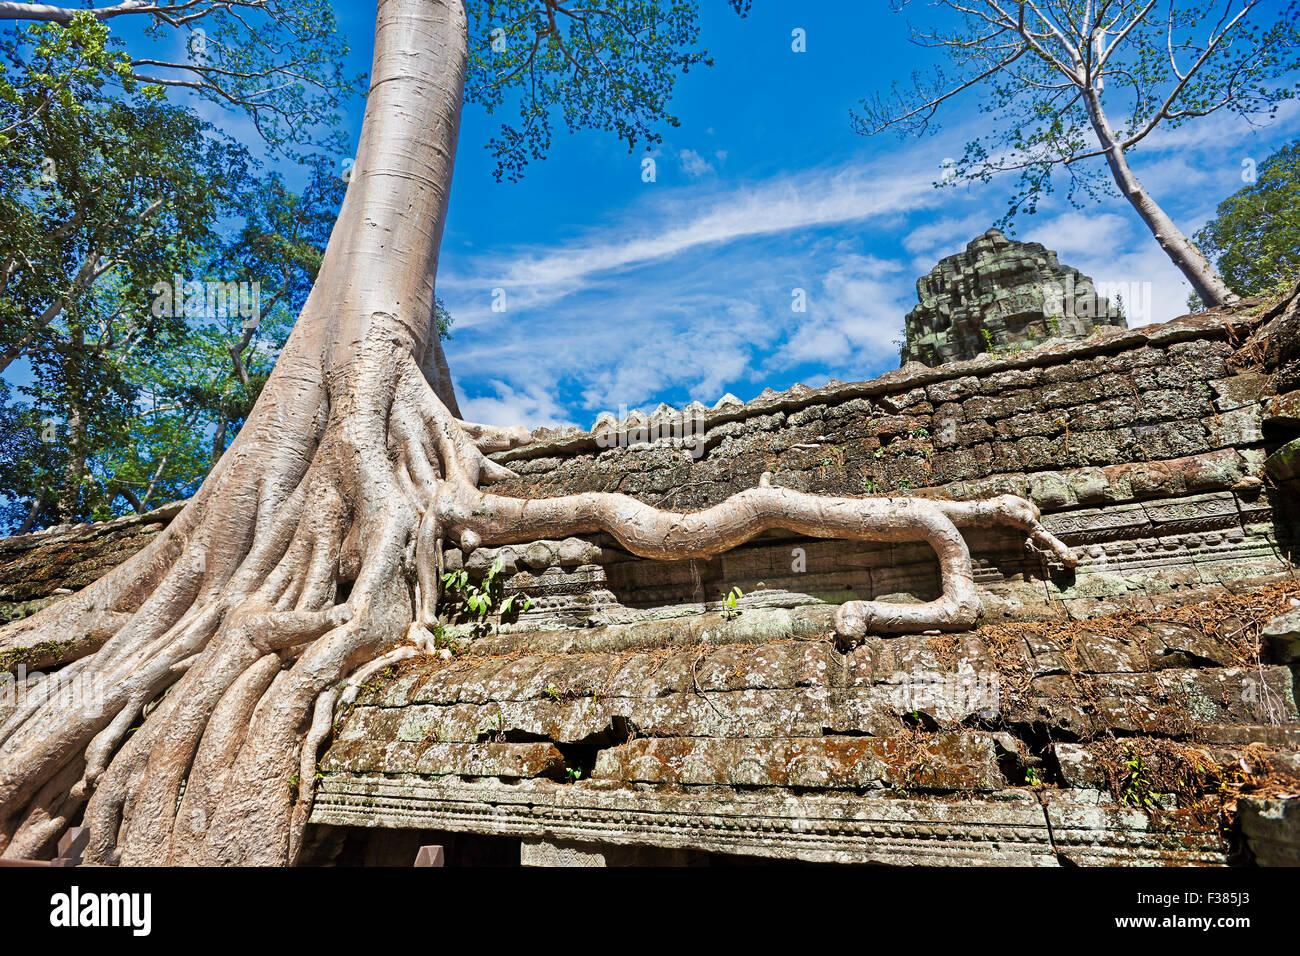 Ta Prohm temple. Parc archéologique d'Angkor, la Province de Siem Reap, au Cambodge. Photo Stock